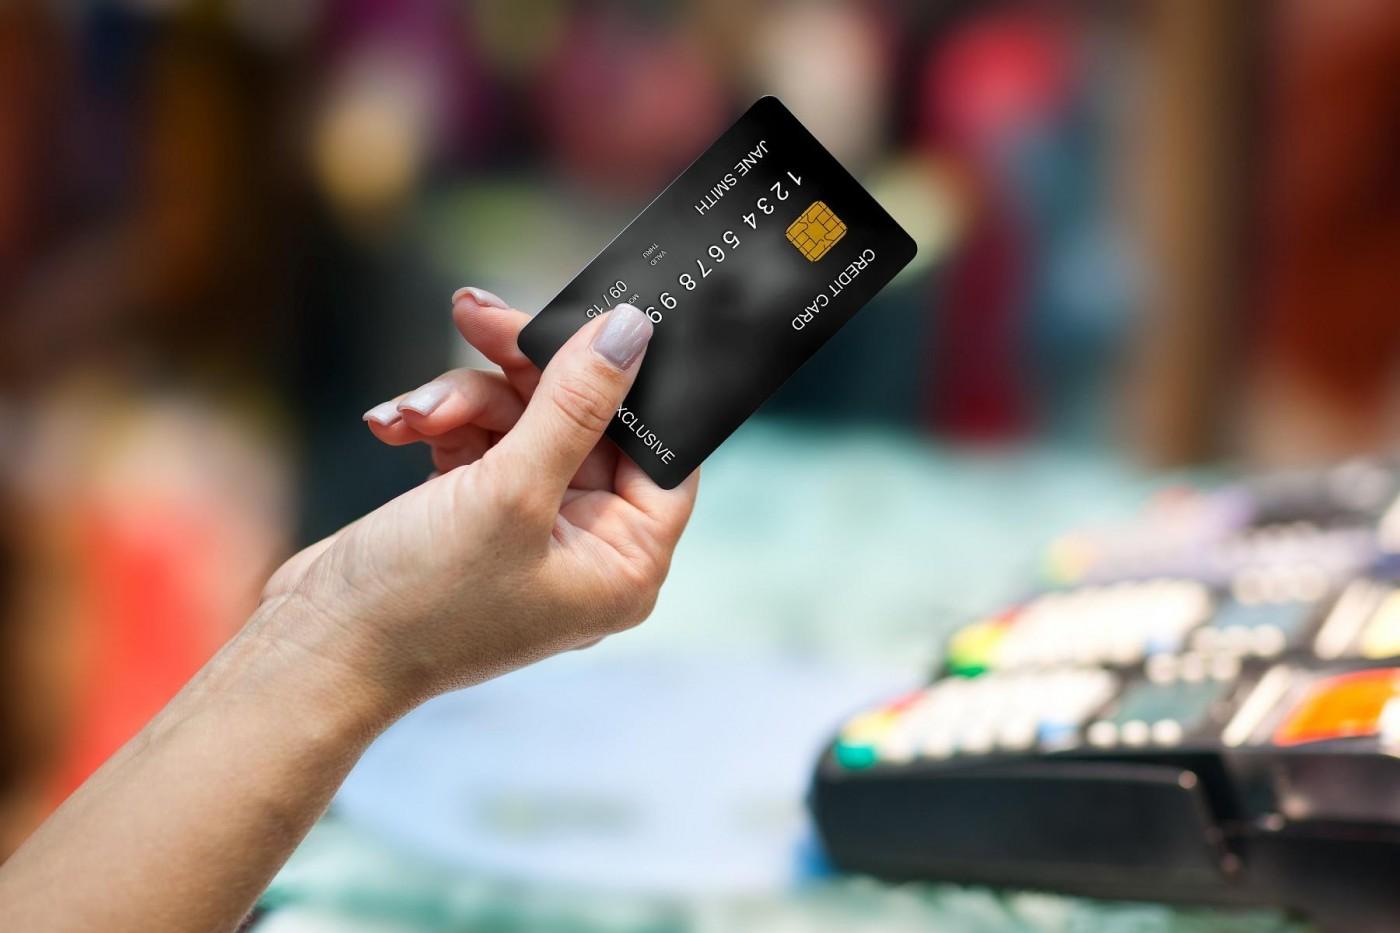 行動支付消滅了現金,那信用卡也會被取代嗎?